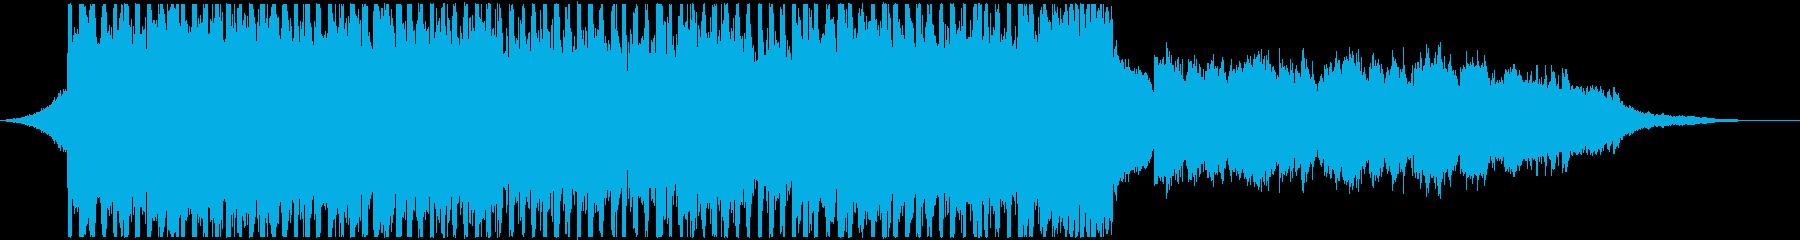 VP系8、バイオリン、幻想的、オシャレBの再生済みの波形